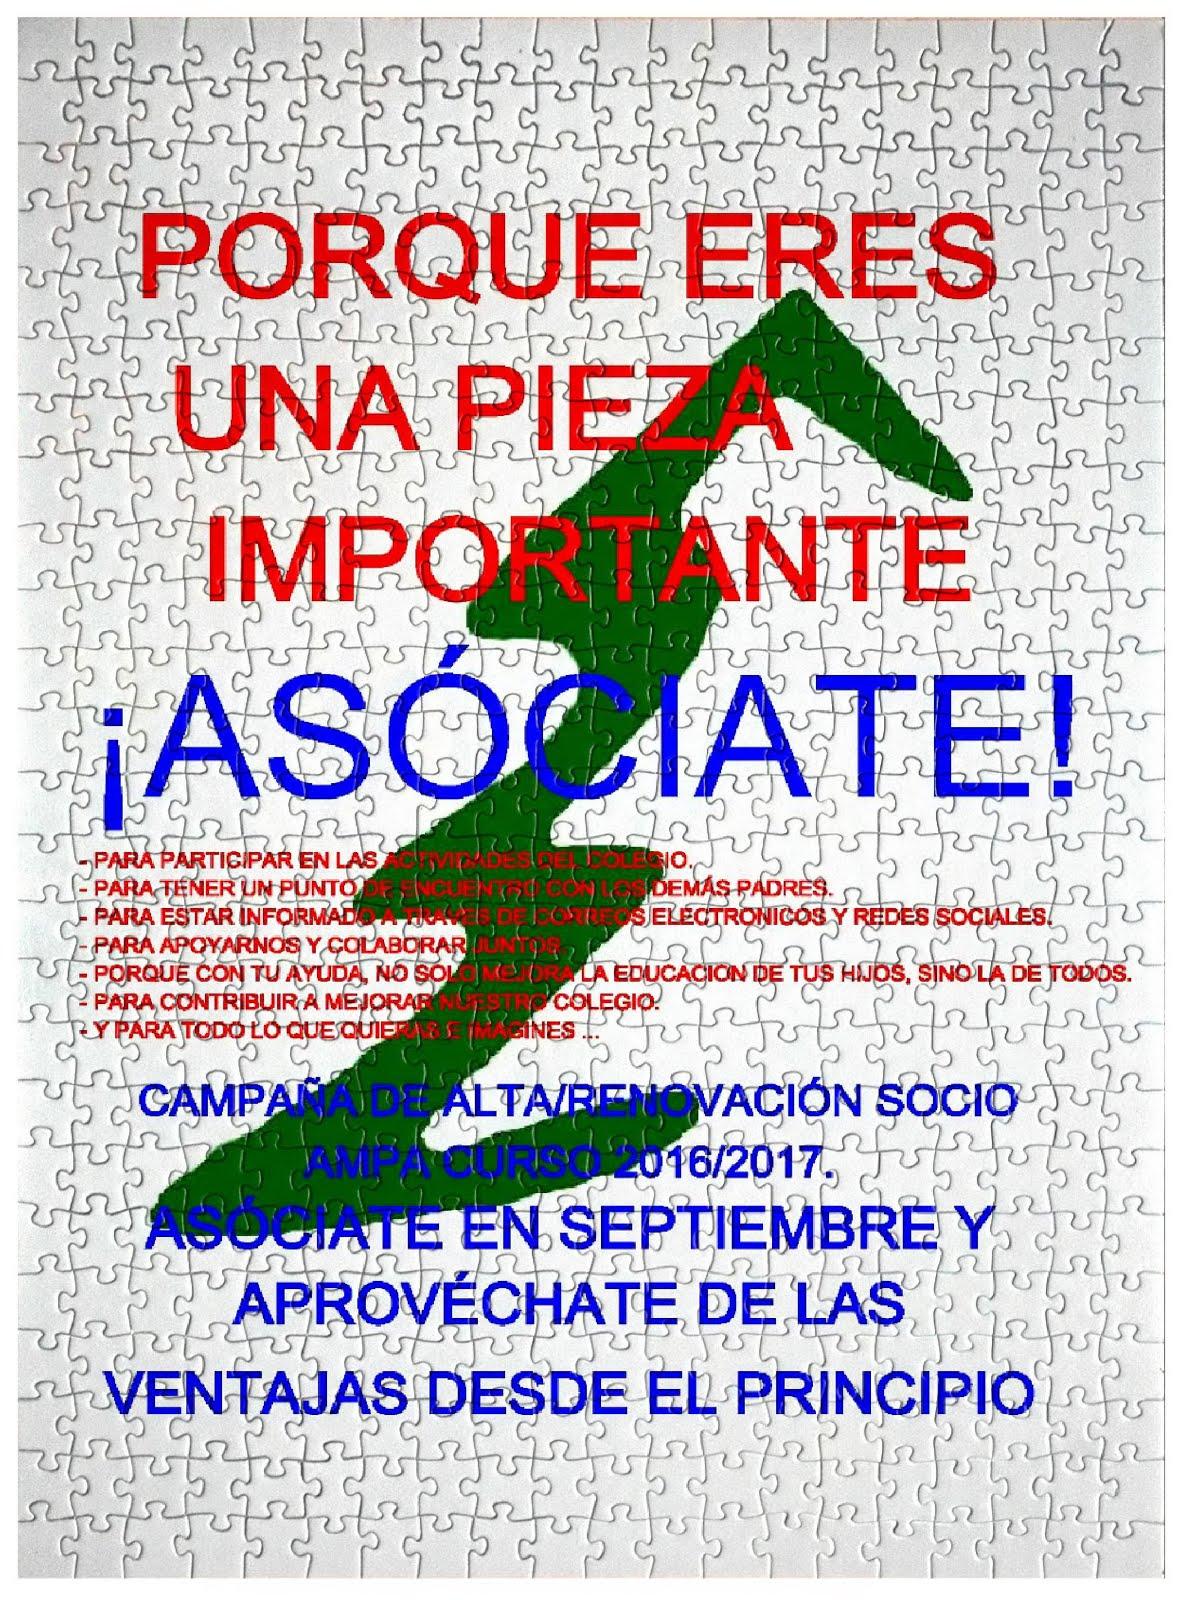 Campaña asóciate